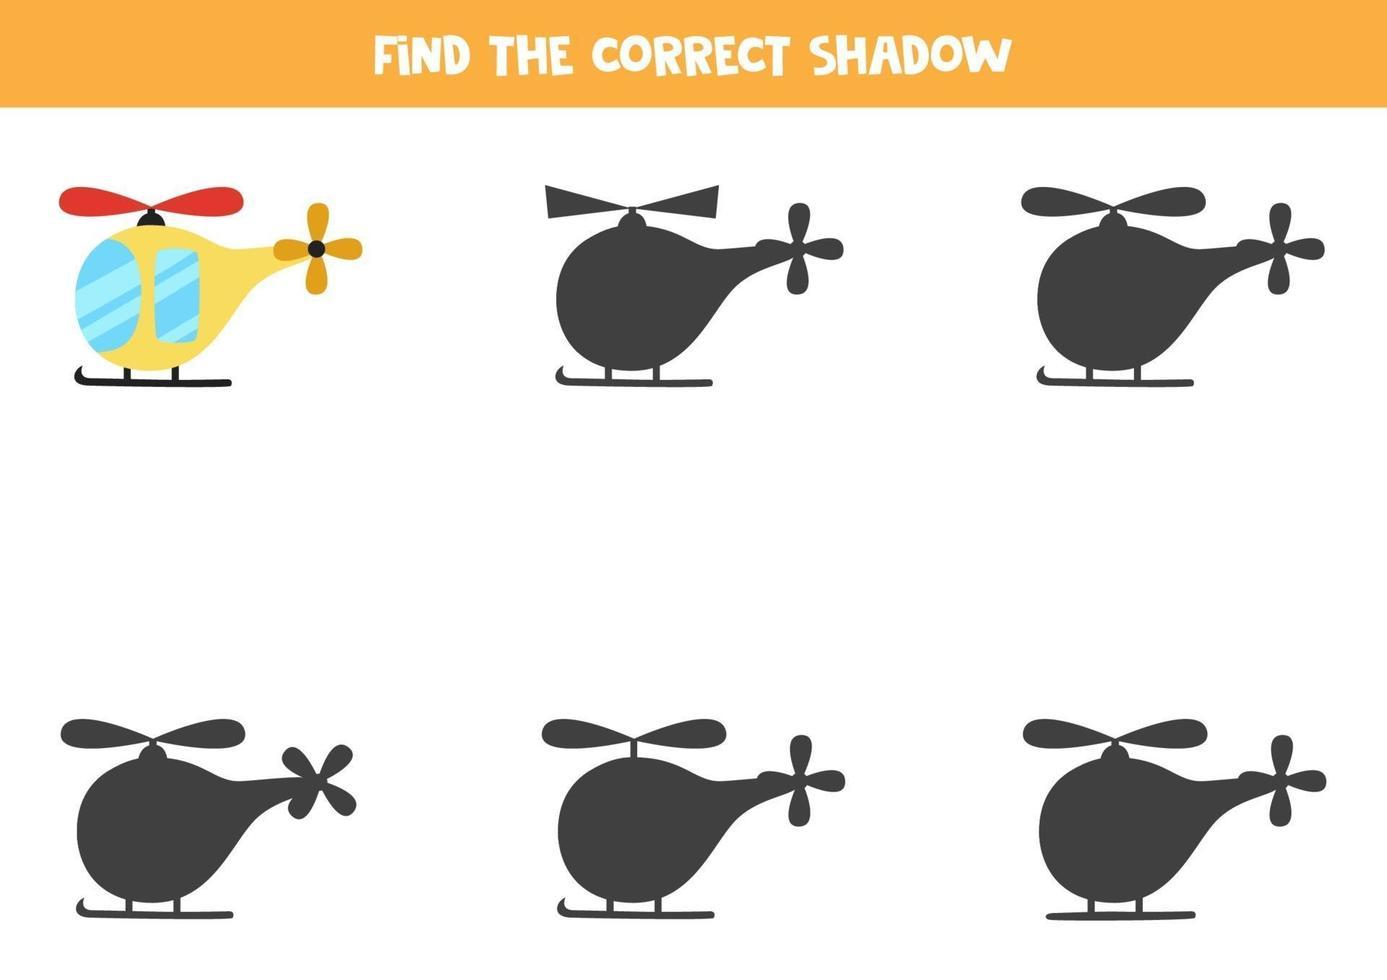 encontre a sombra correta do helicóptero. quebra-cabeça lógico para crianças. vetor